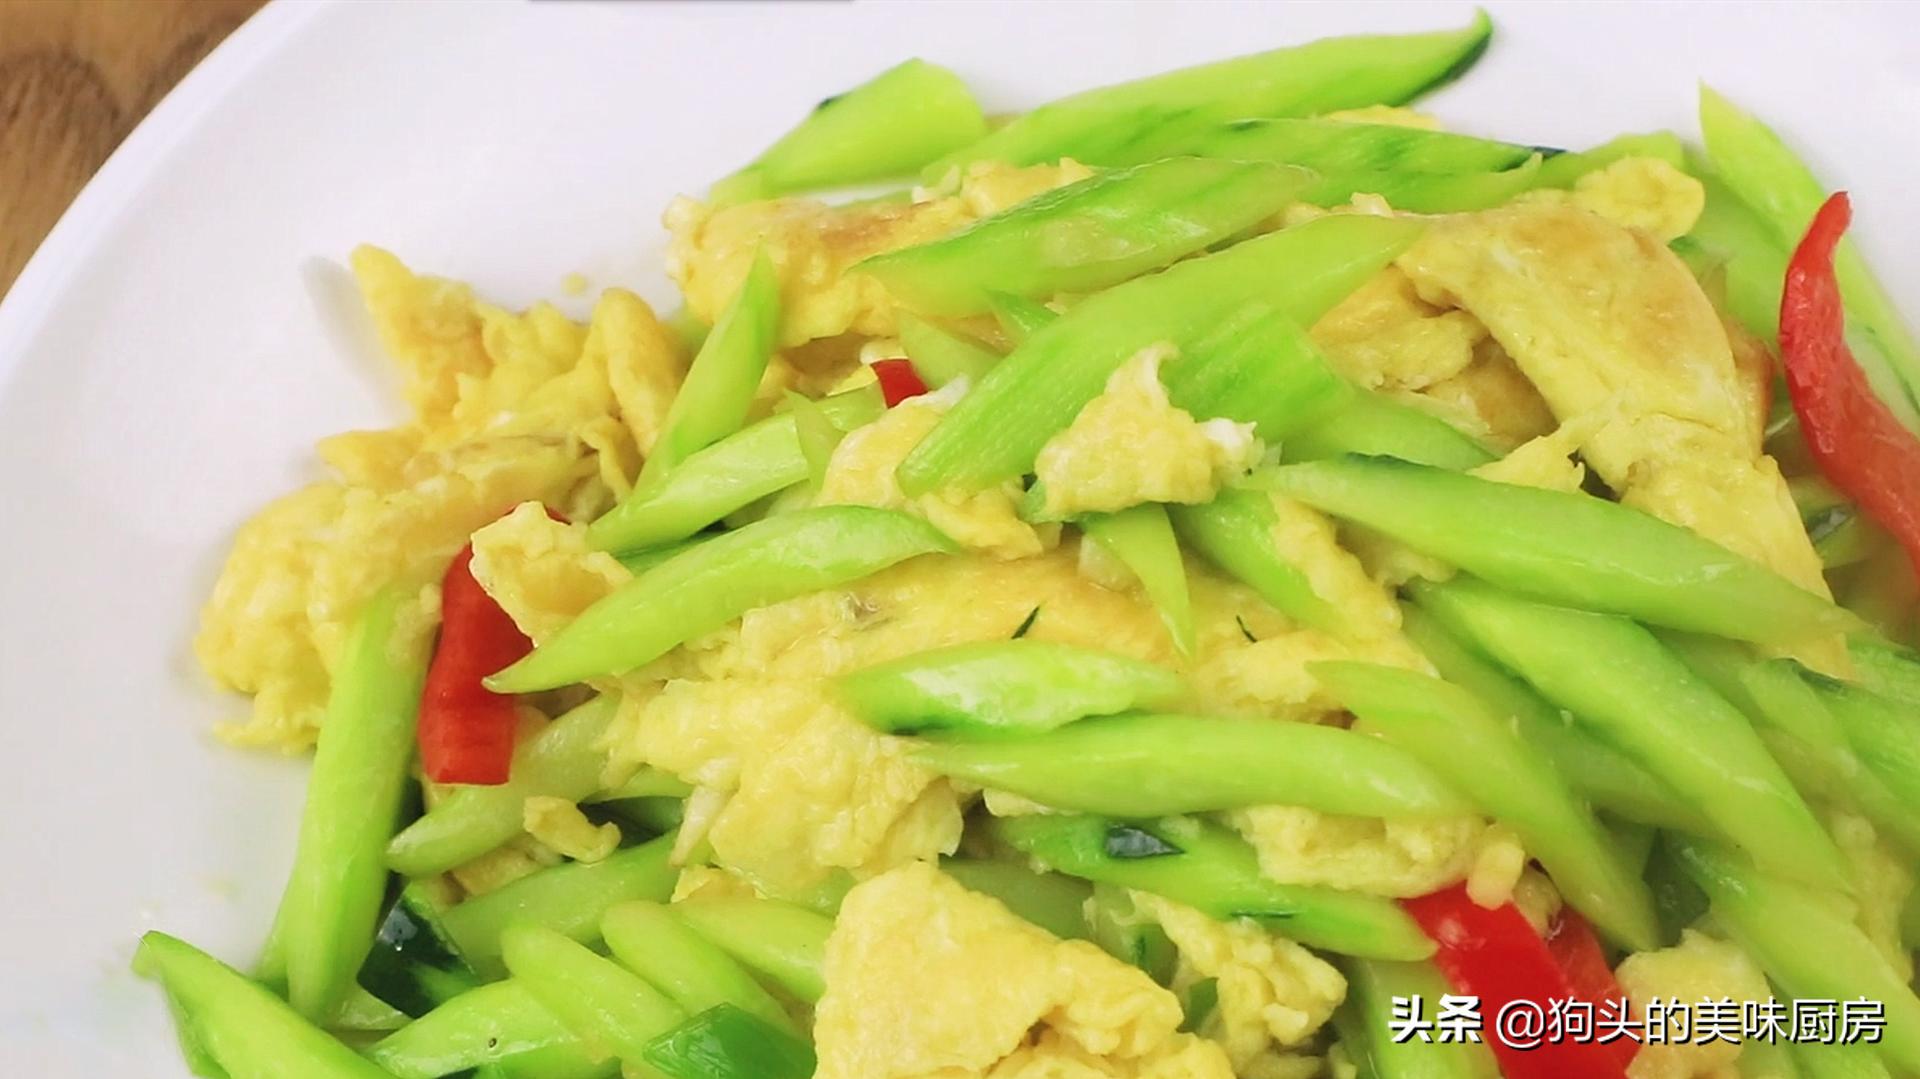 夏天要多吃黄瓜,清爽不油腻,营养又美味,老人小孩都适合 美食做法 第2张